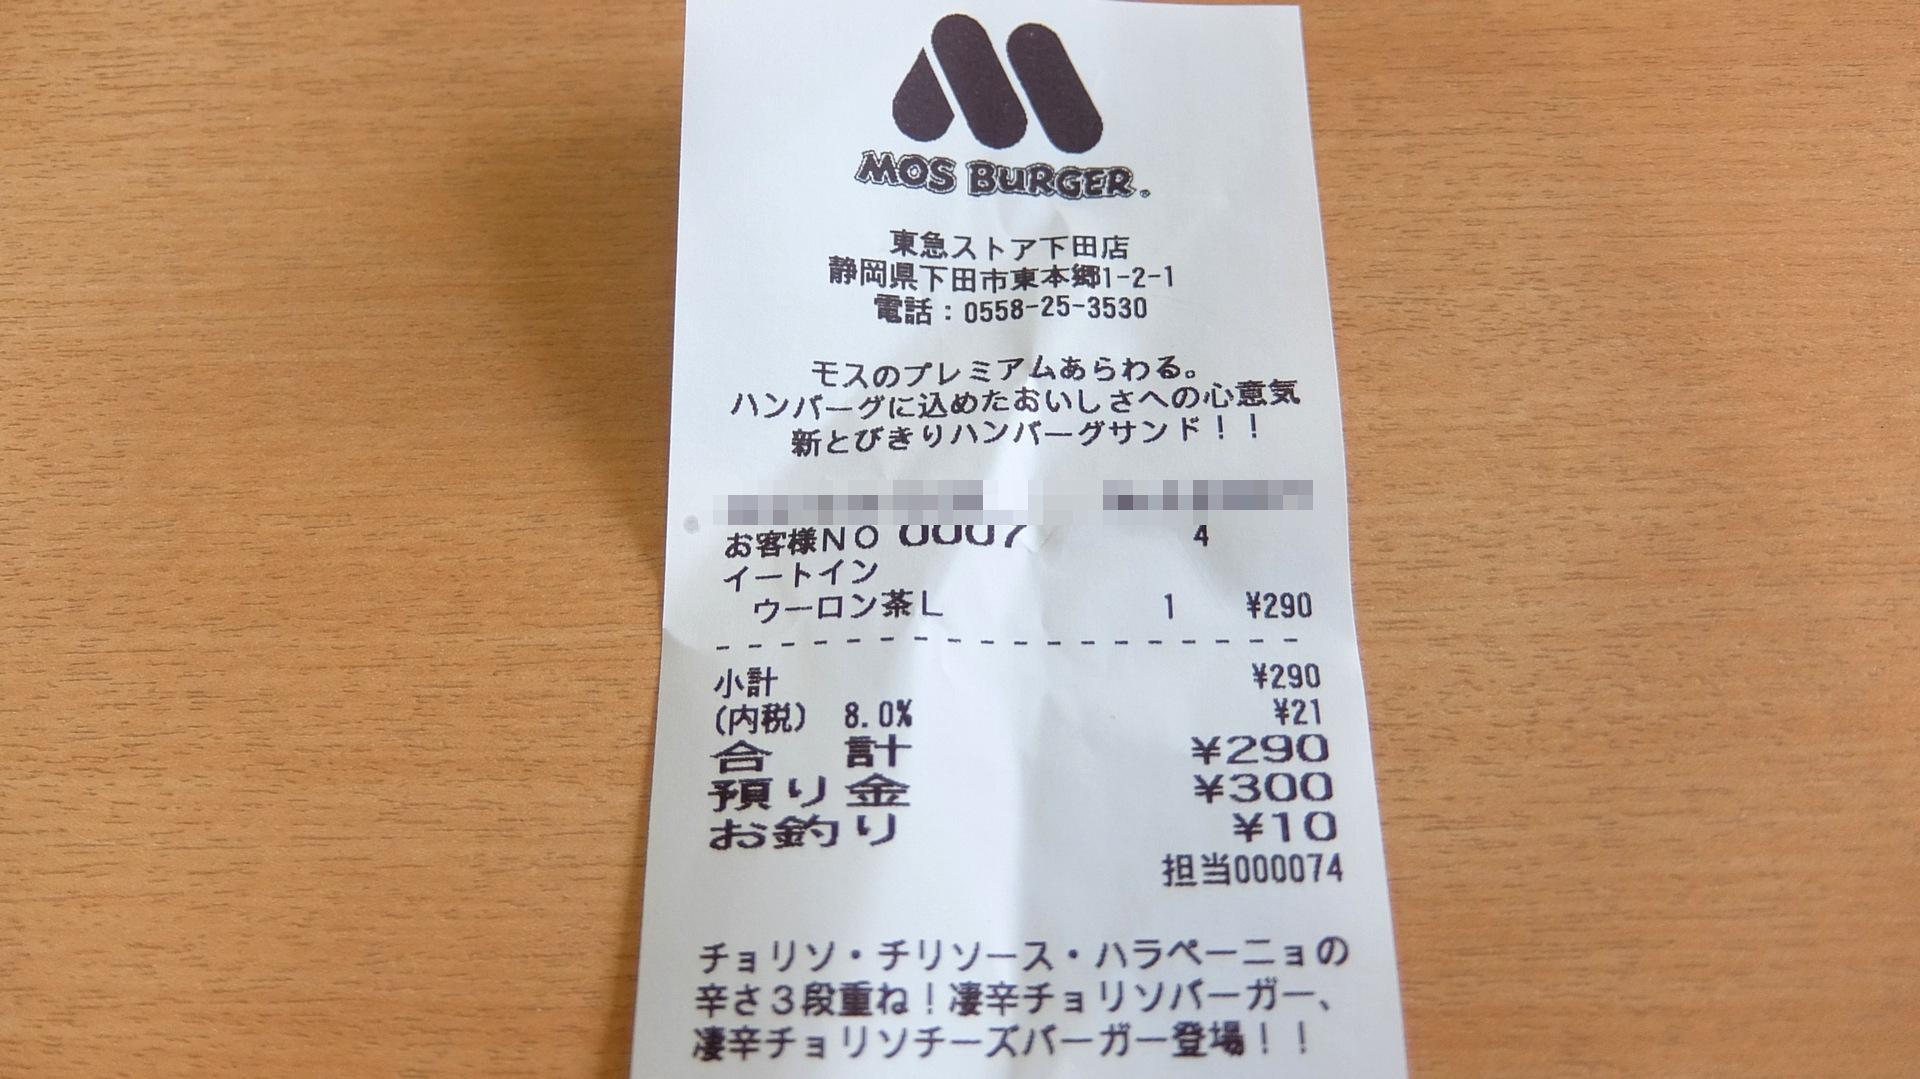 モスバーガー 東急ストア下田店 name=